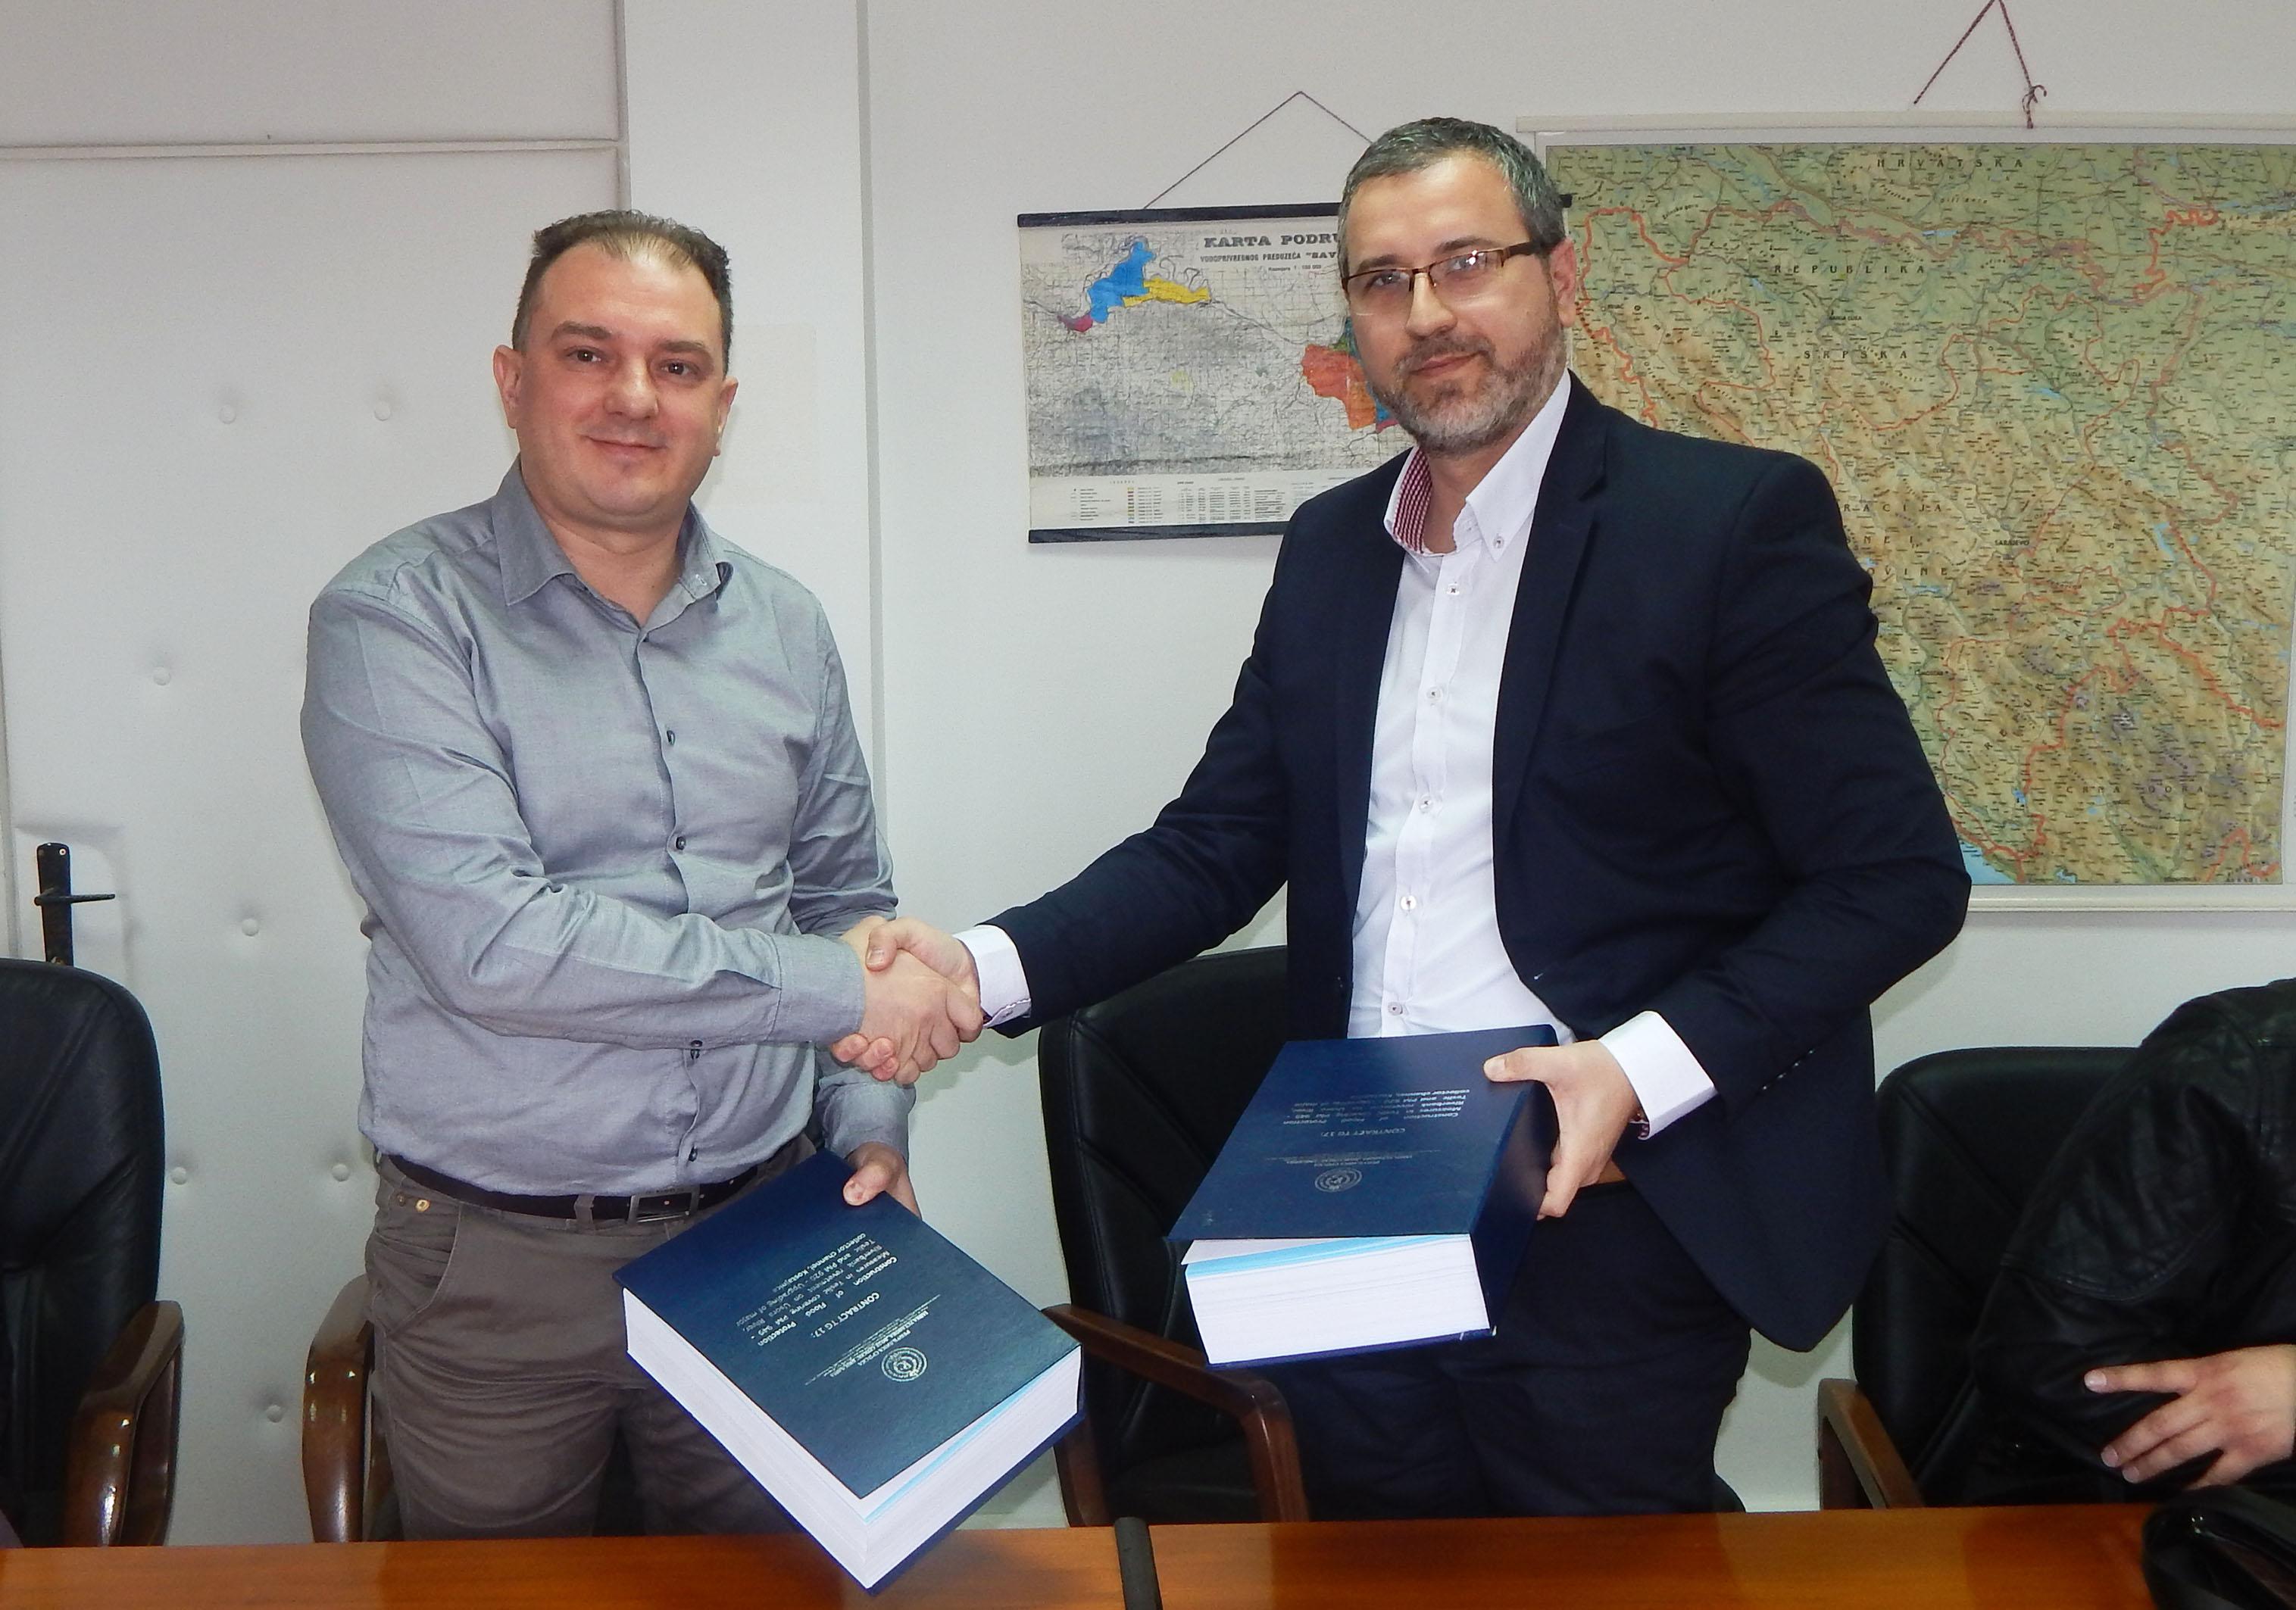 Потписан уговор за регулацију ријека Тавије и Велике Усоре